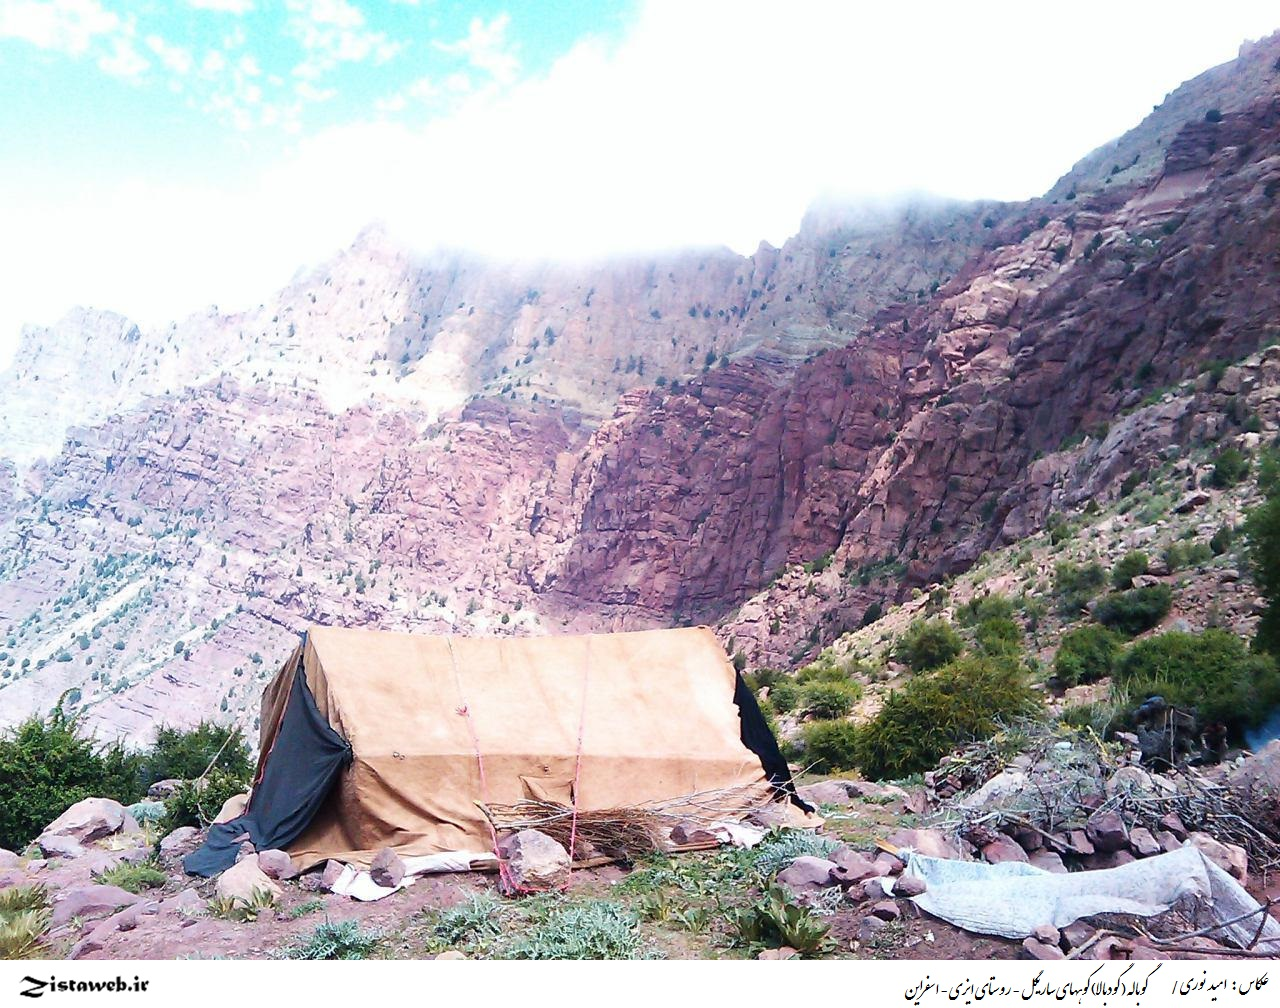 عکس های گوباله( گودبالا) کوههای ساریگل - روستای ایزی - اسفراین/عکاس : امید نوری